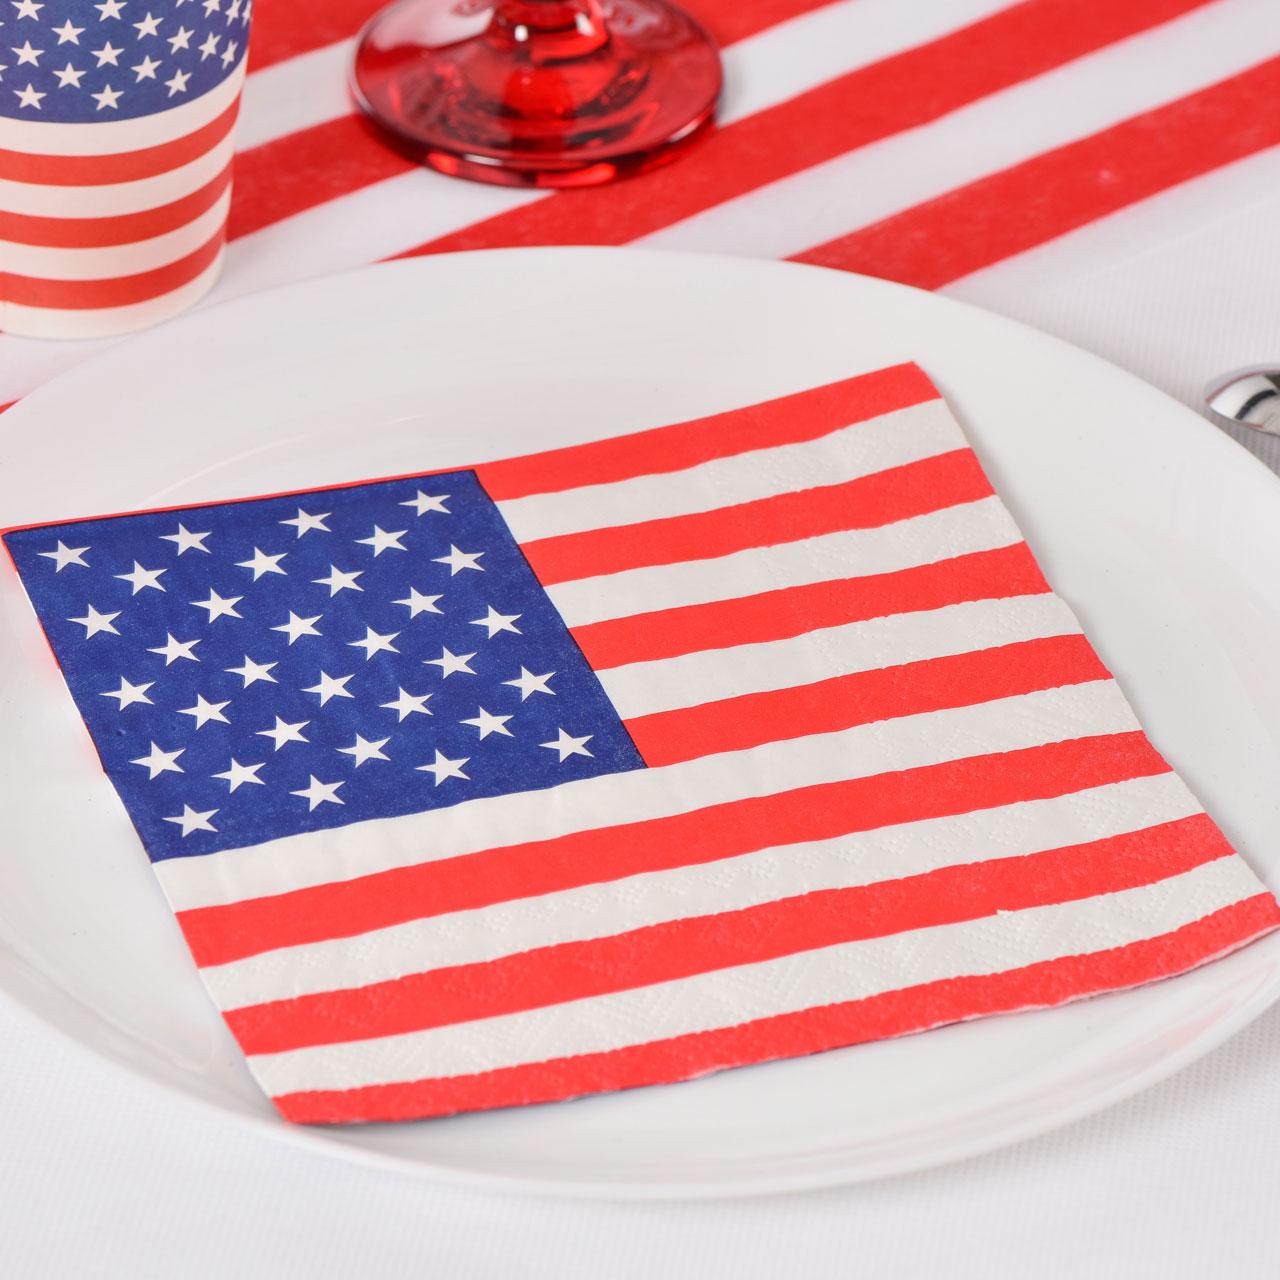 Servietten USA, Stars´n Stripes, Blau-weiß-rot